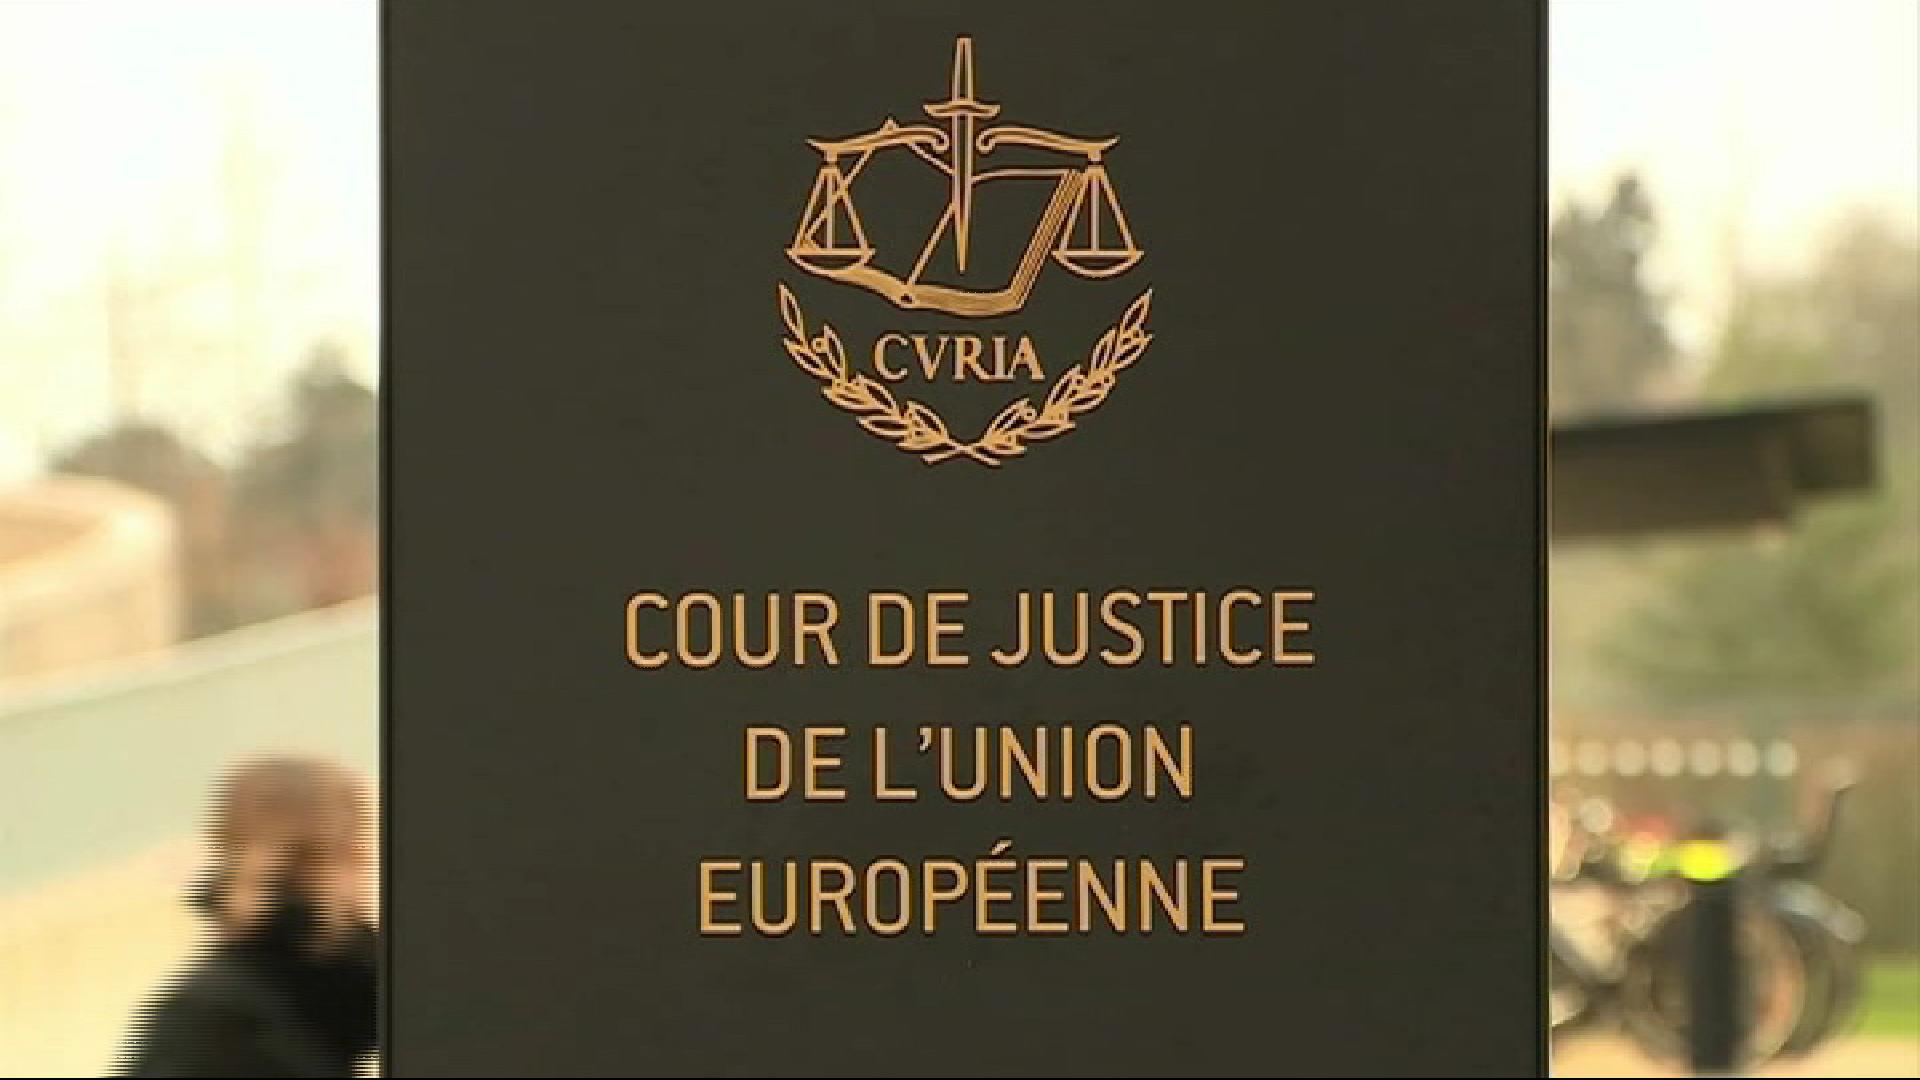 El+tribunal+de+just%C3%ADcia+europeu+deixa+en+mans+dels+jutges+espanyols+decidir+sobre+l%27%C3%ADndex+hipotecari+IRPH